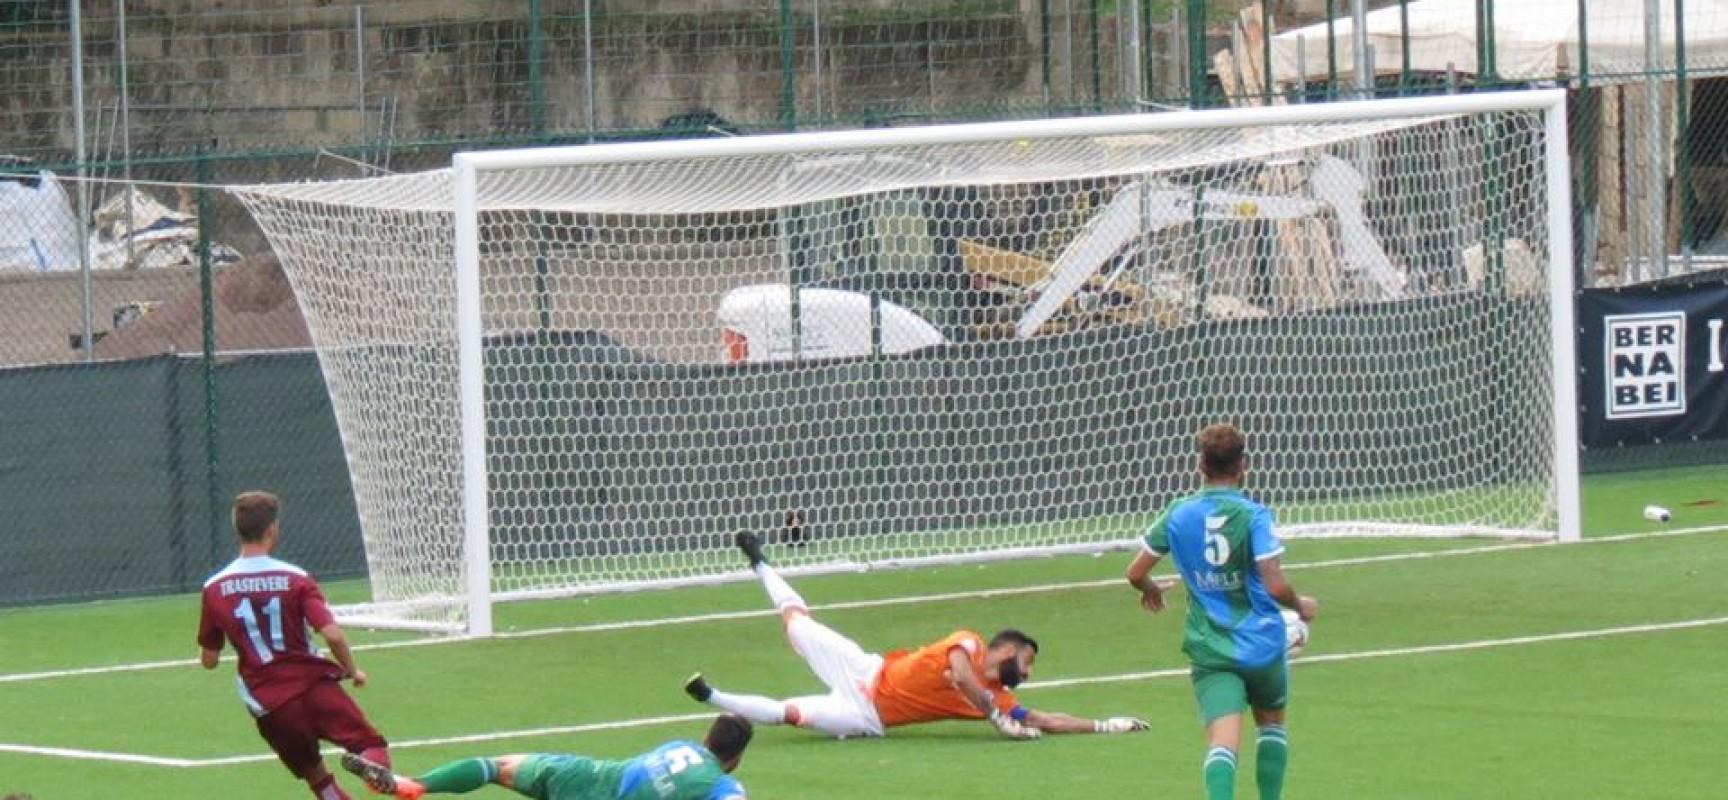 Il Trastevere batte la Nuorese e passa ai sedicesimi di Coppa Italia